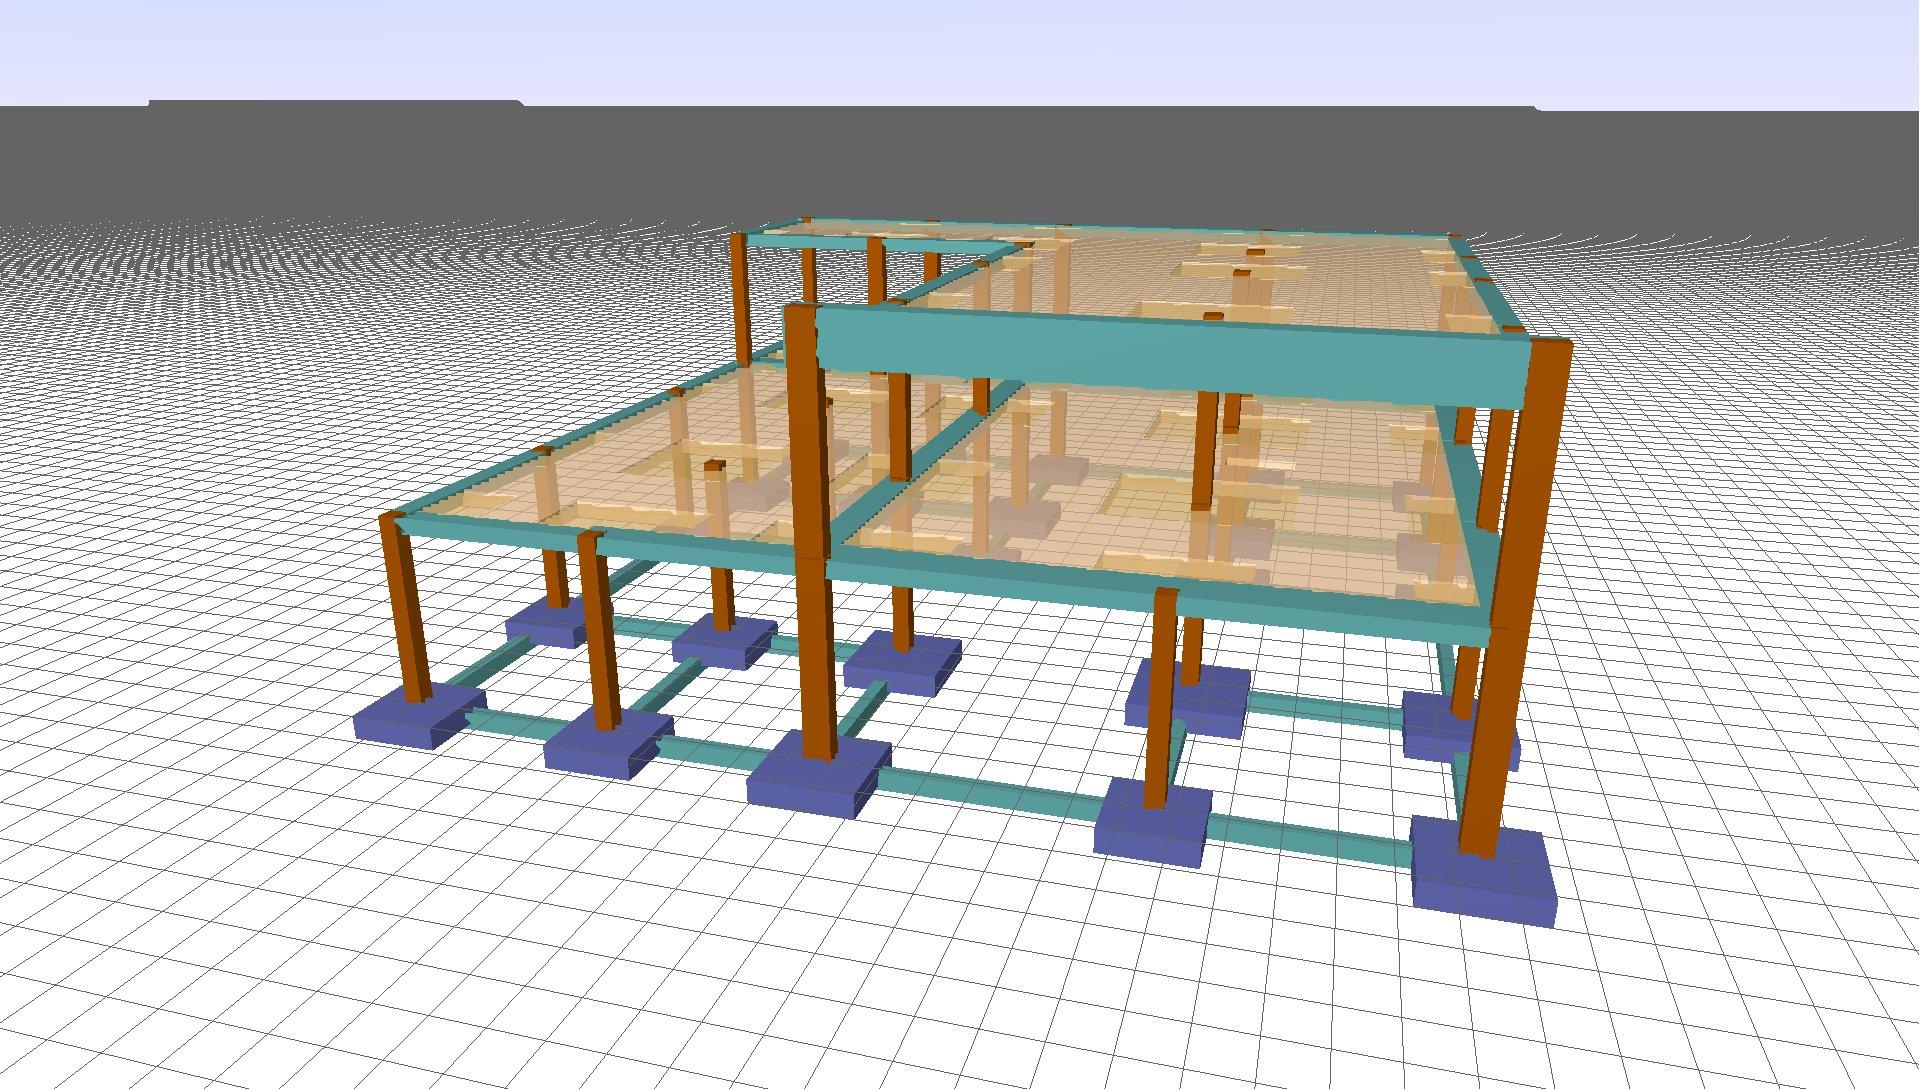 Edificio de oficinas 01 - Proyectos ACCE Ingeniería